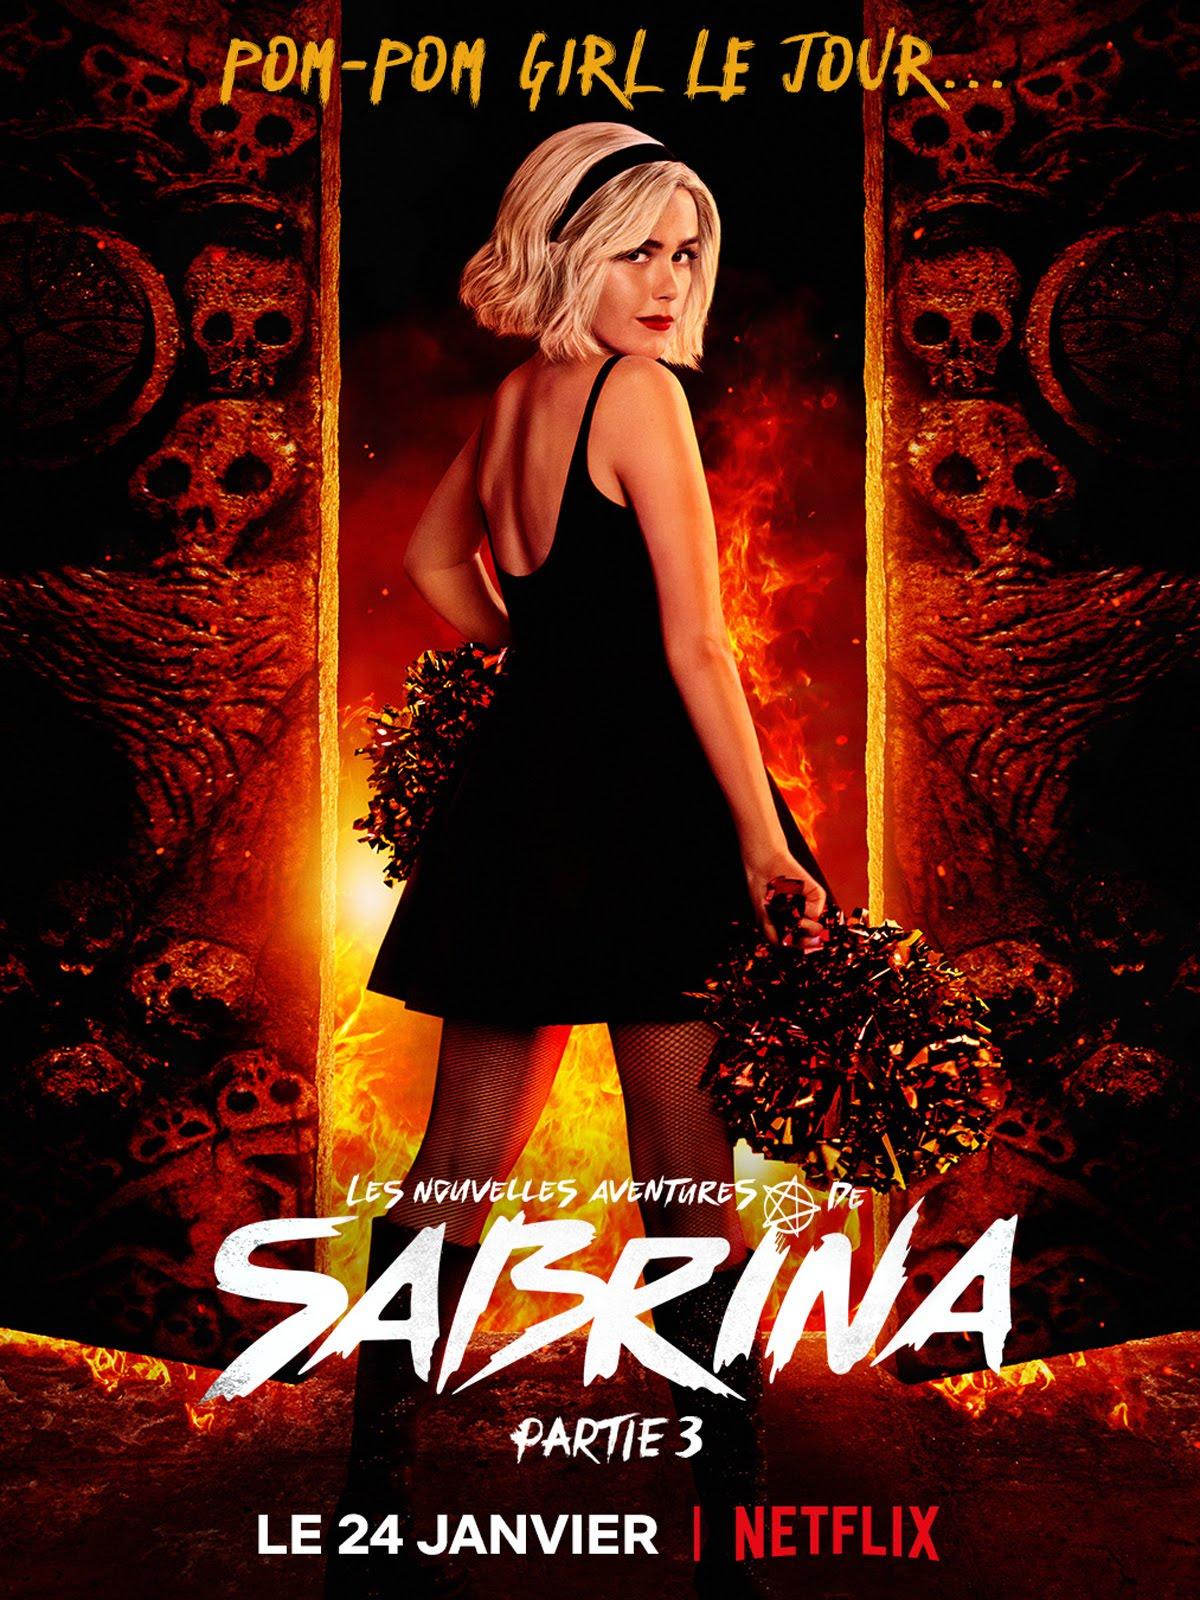 Les Nouvelles aventures de Sabrina – Saison 3 [Complete] [Streaming] [Telecharger]